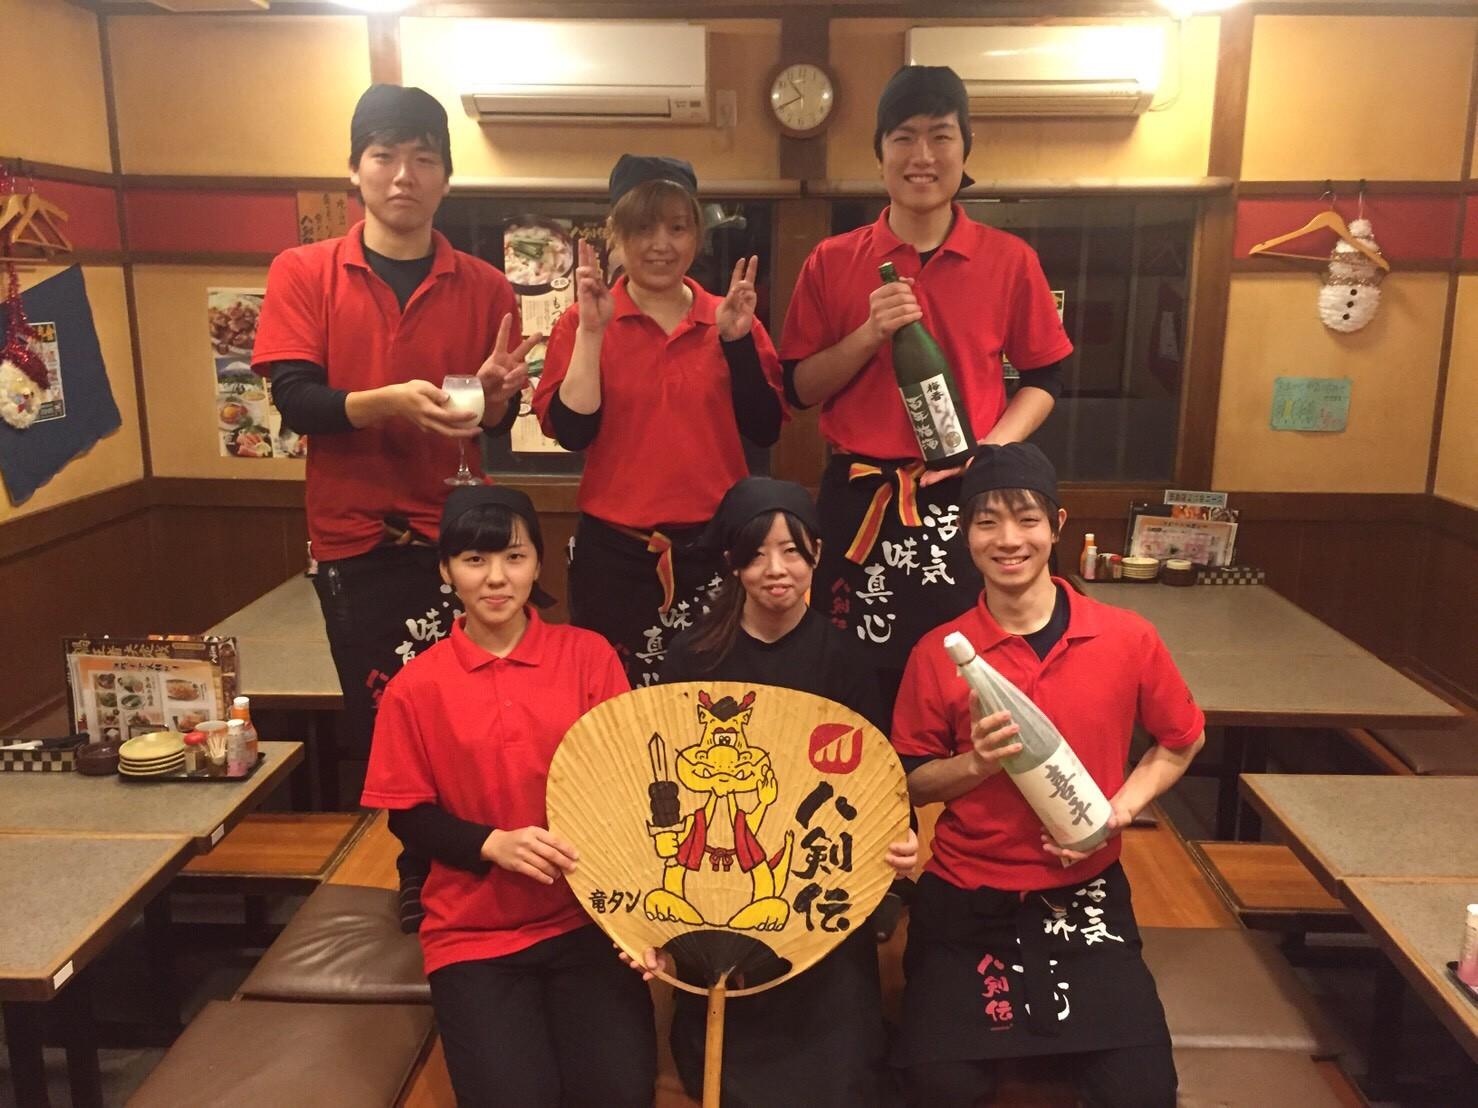 八剣伝 倉敷インター店 のアルバイト情報